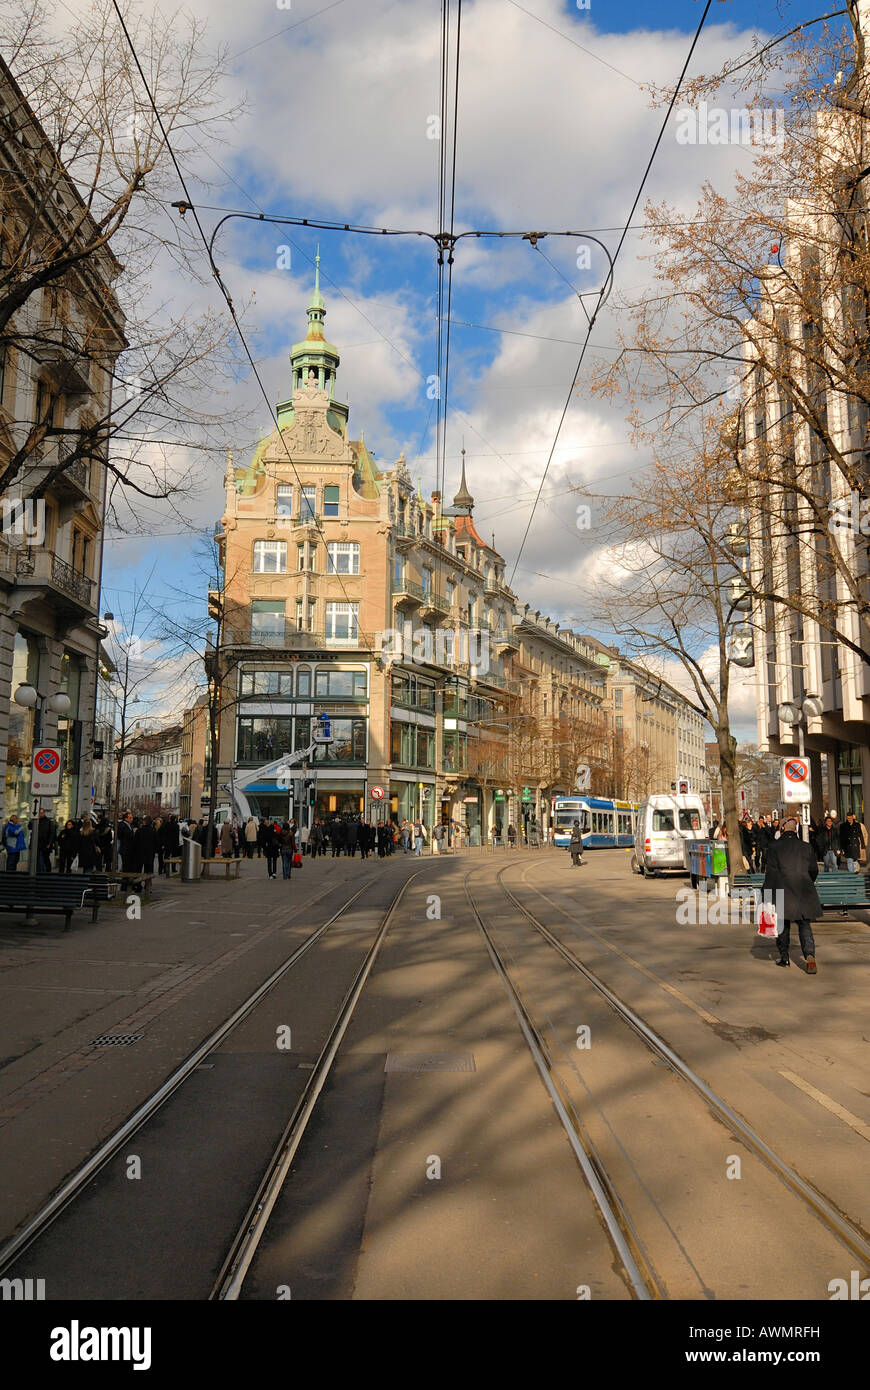 Zuerich - Bahnhofstrasse - Switzerland, Europe. - Stock Image